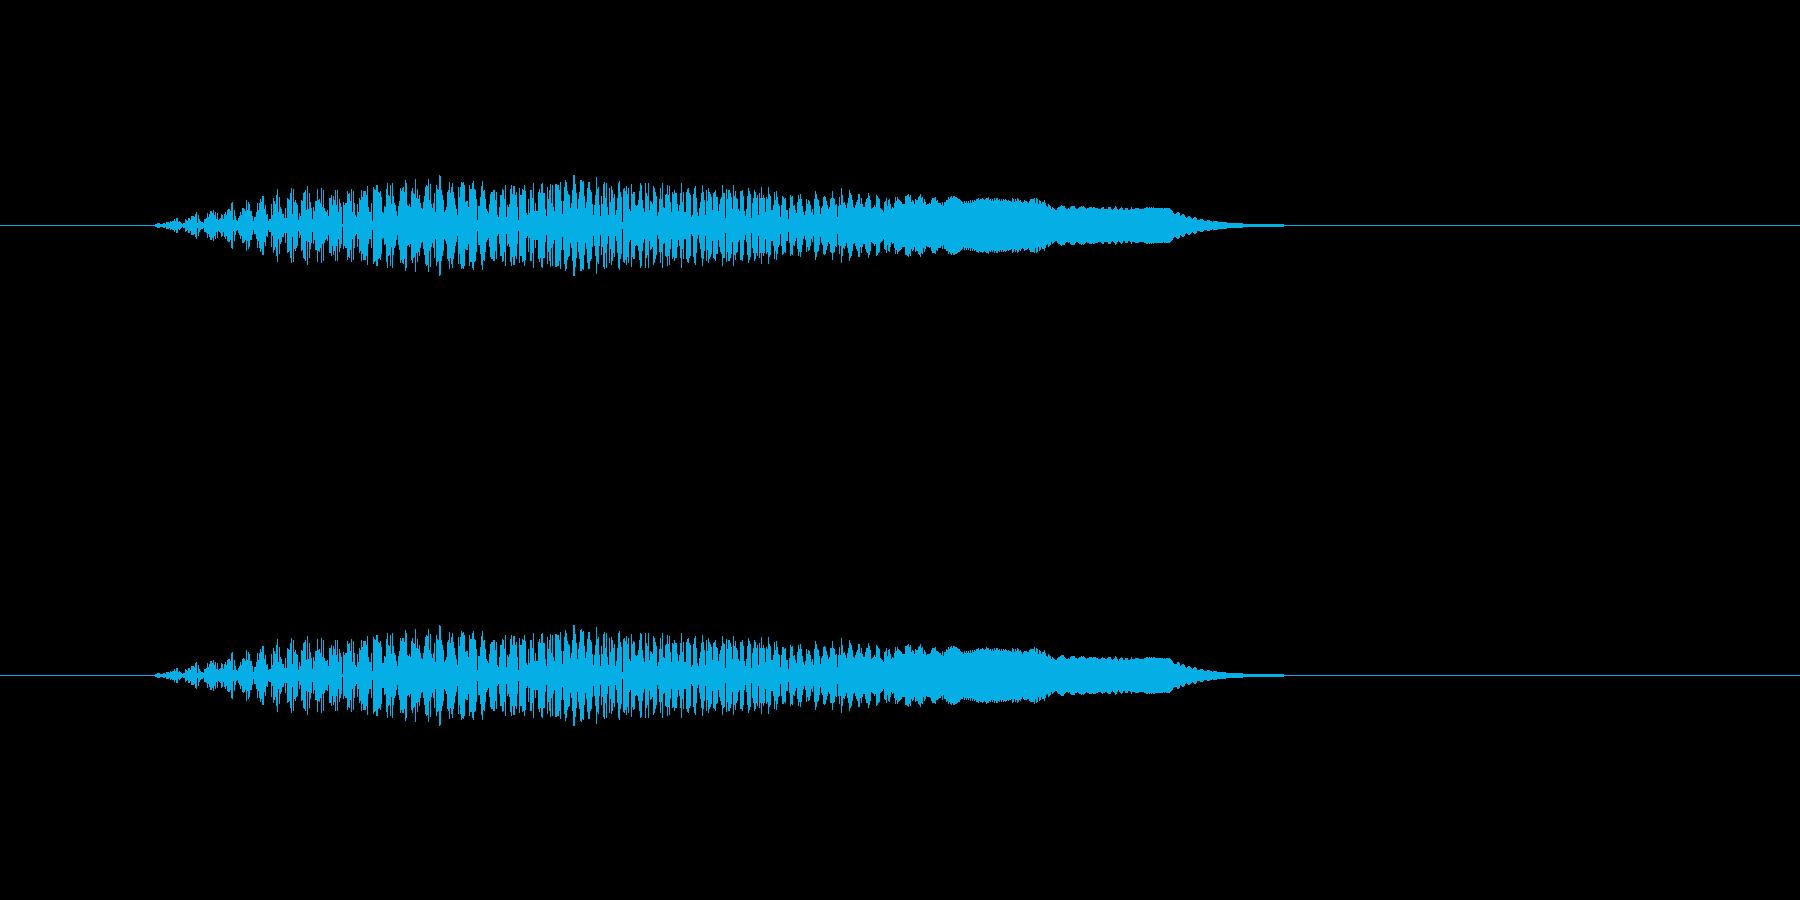 【ポップモーション14-9】の再生済みの波形